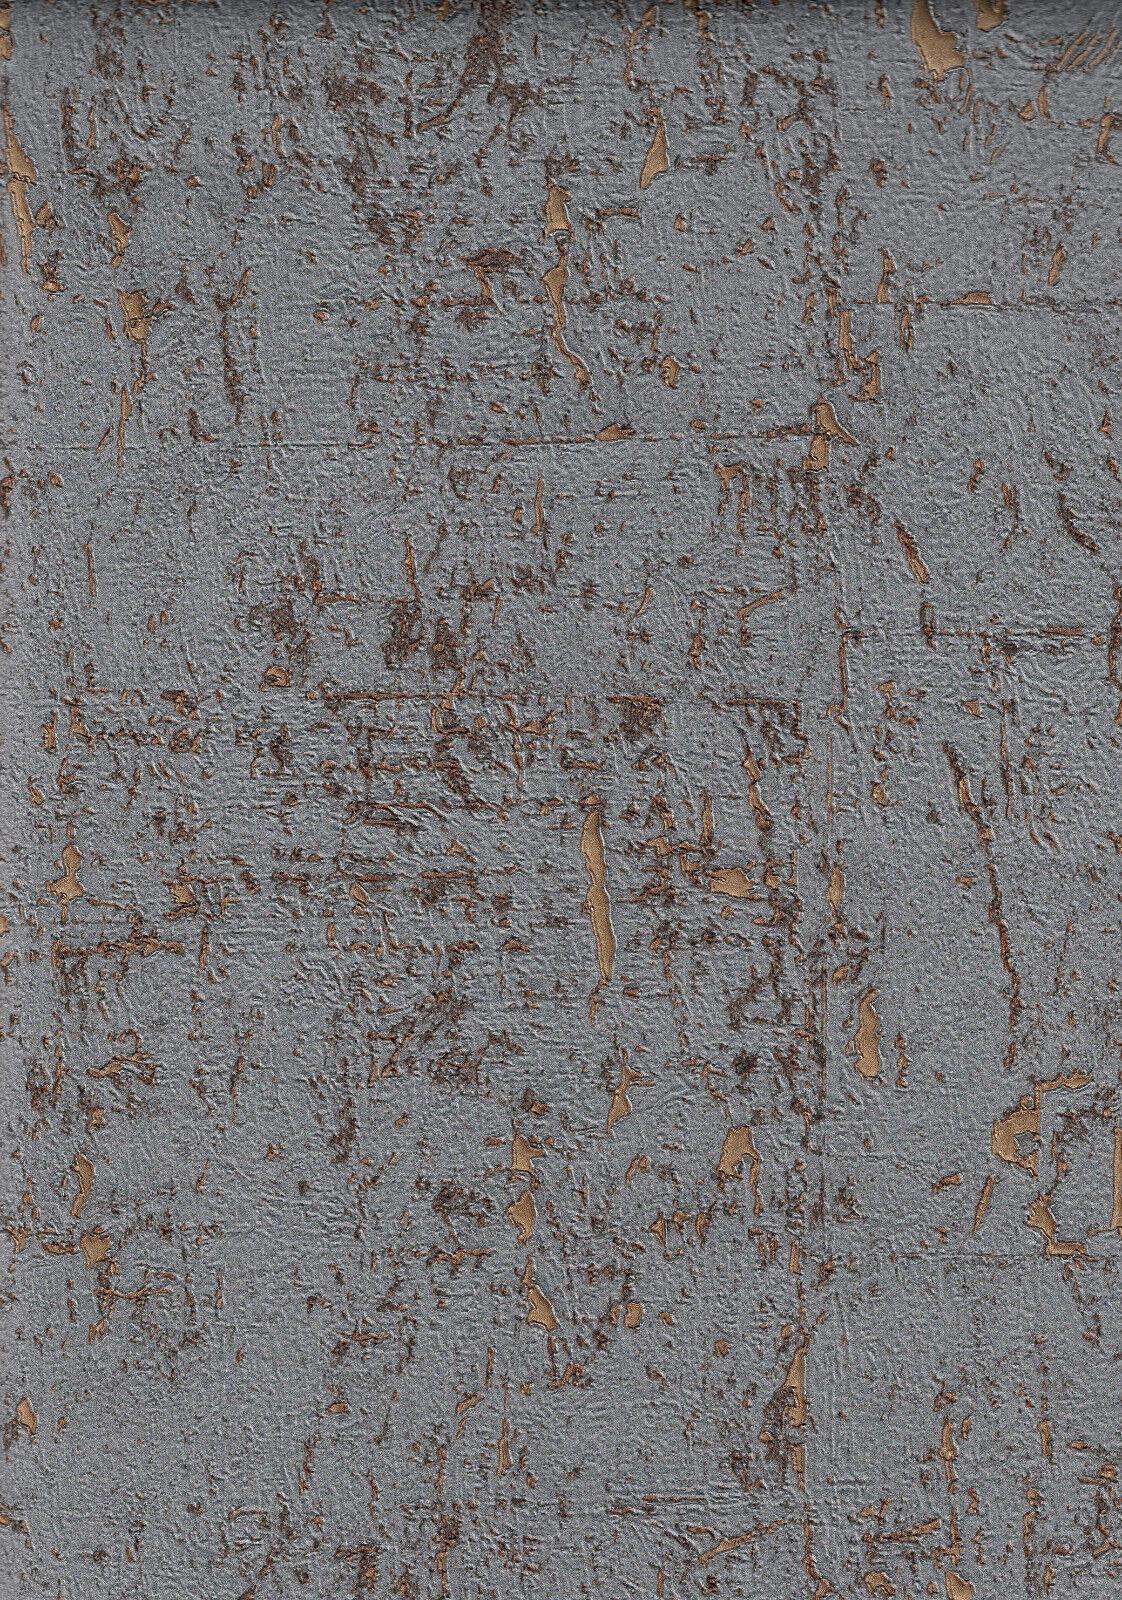 Vlies Tapete Kork Beton Optik Tapete grau gold metallic